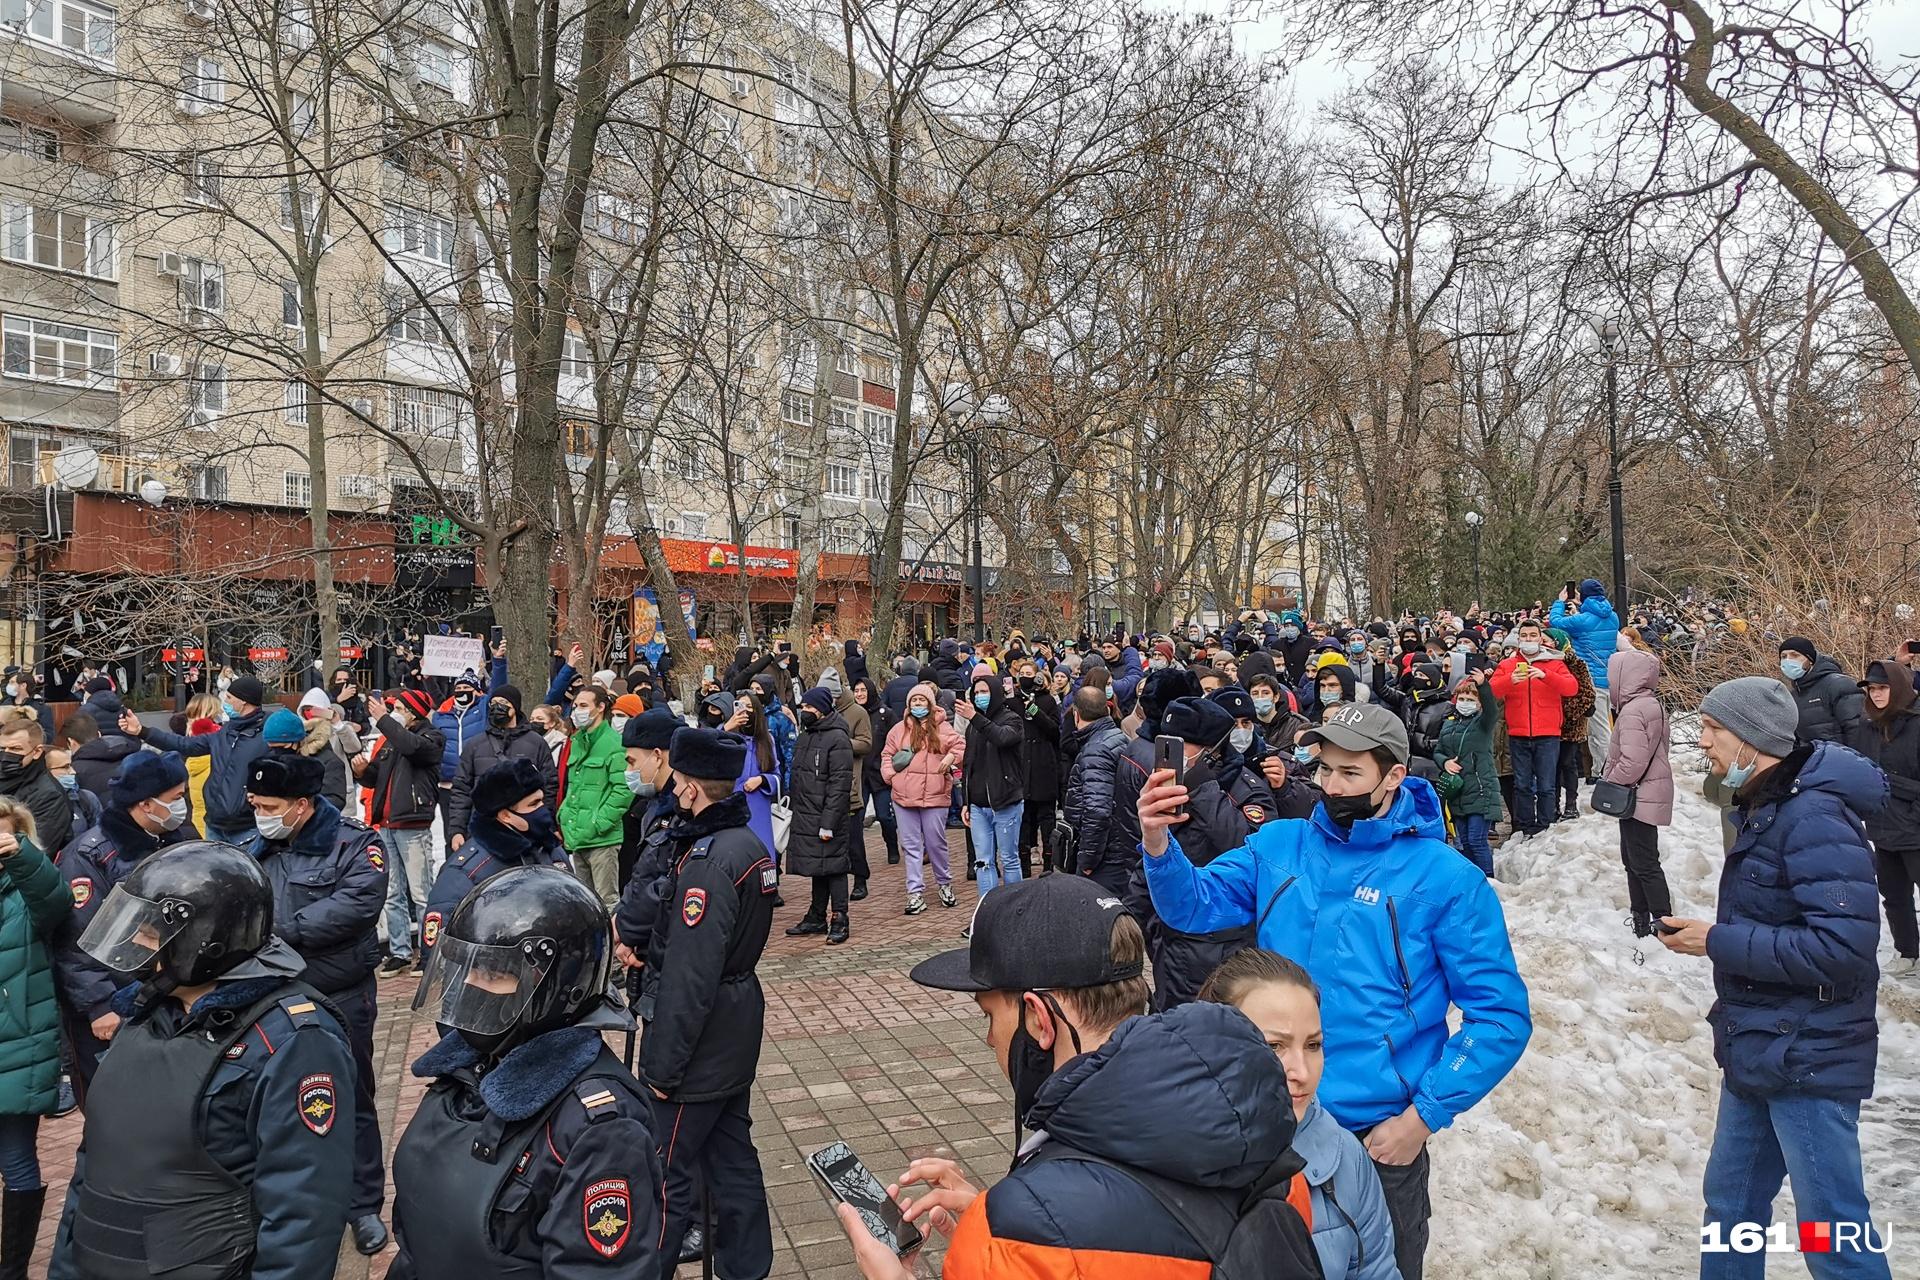 Заграждение разделило митингующих на две части: одна осталась возле публичной библиотеки, другая подходила к ней со стороны Чехова